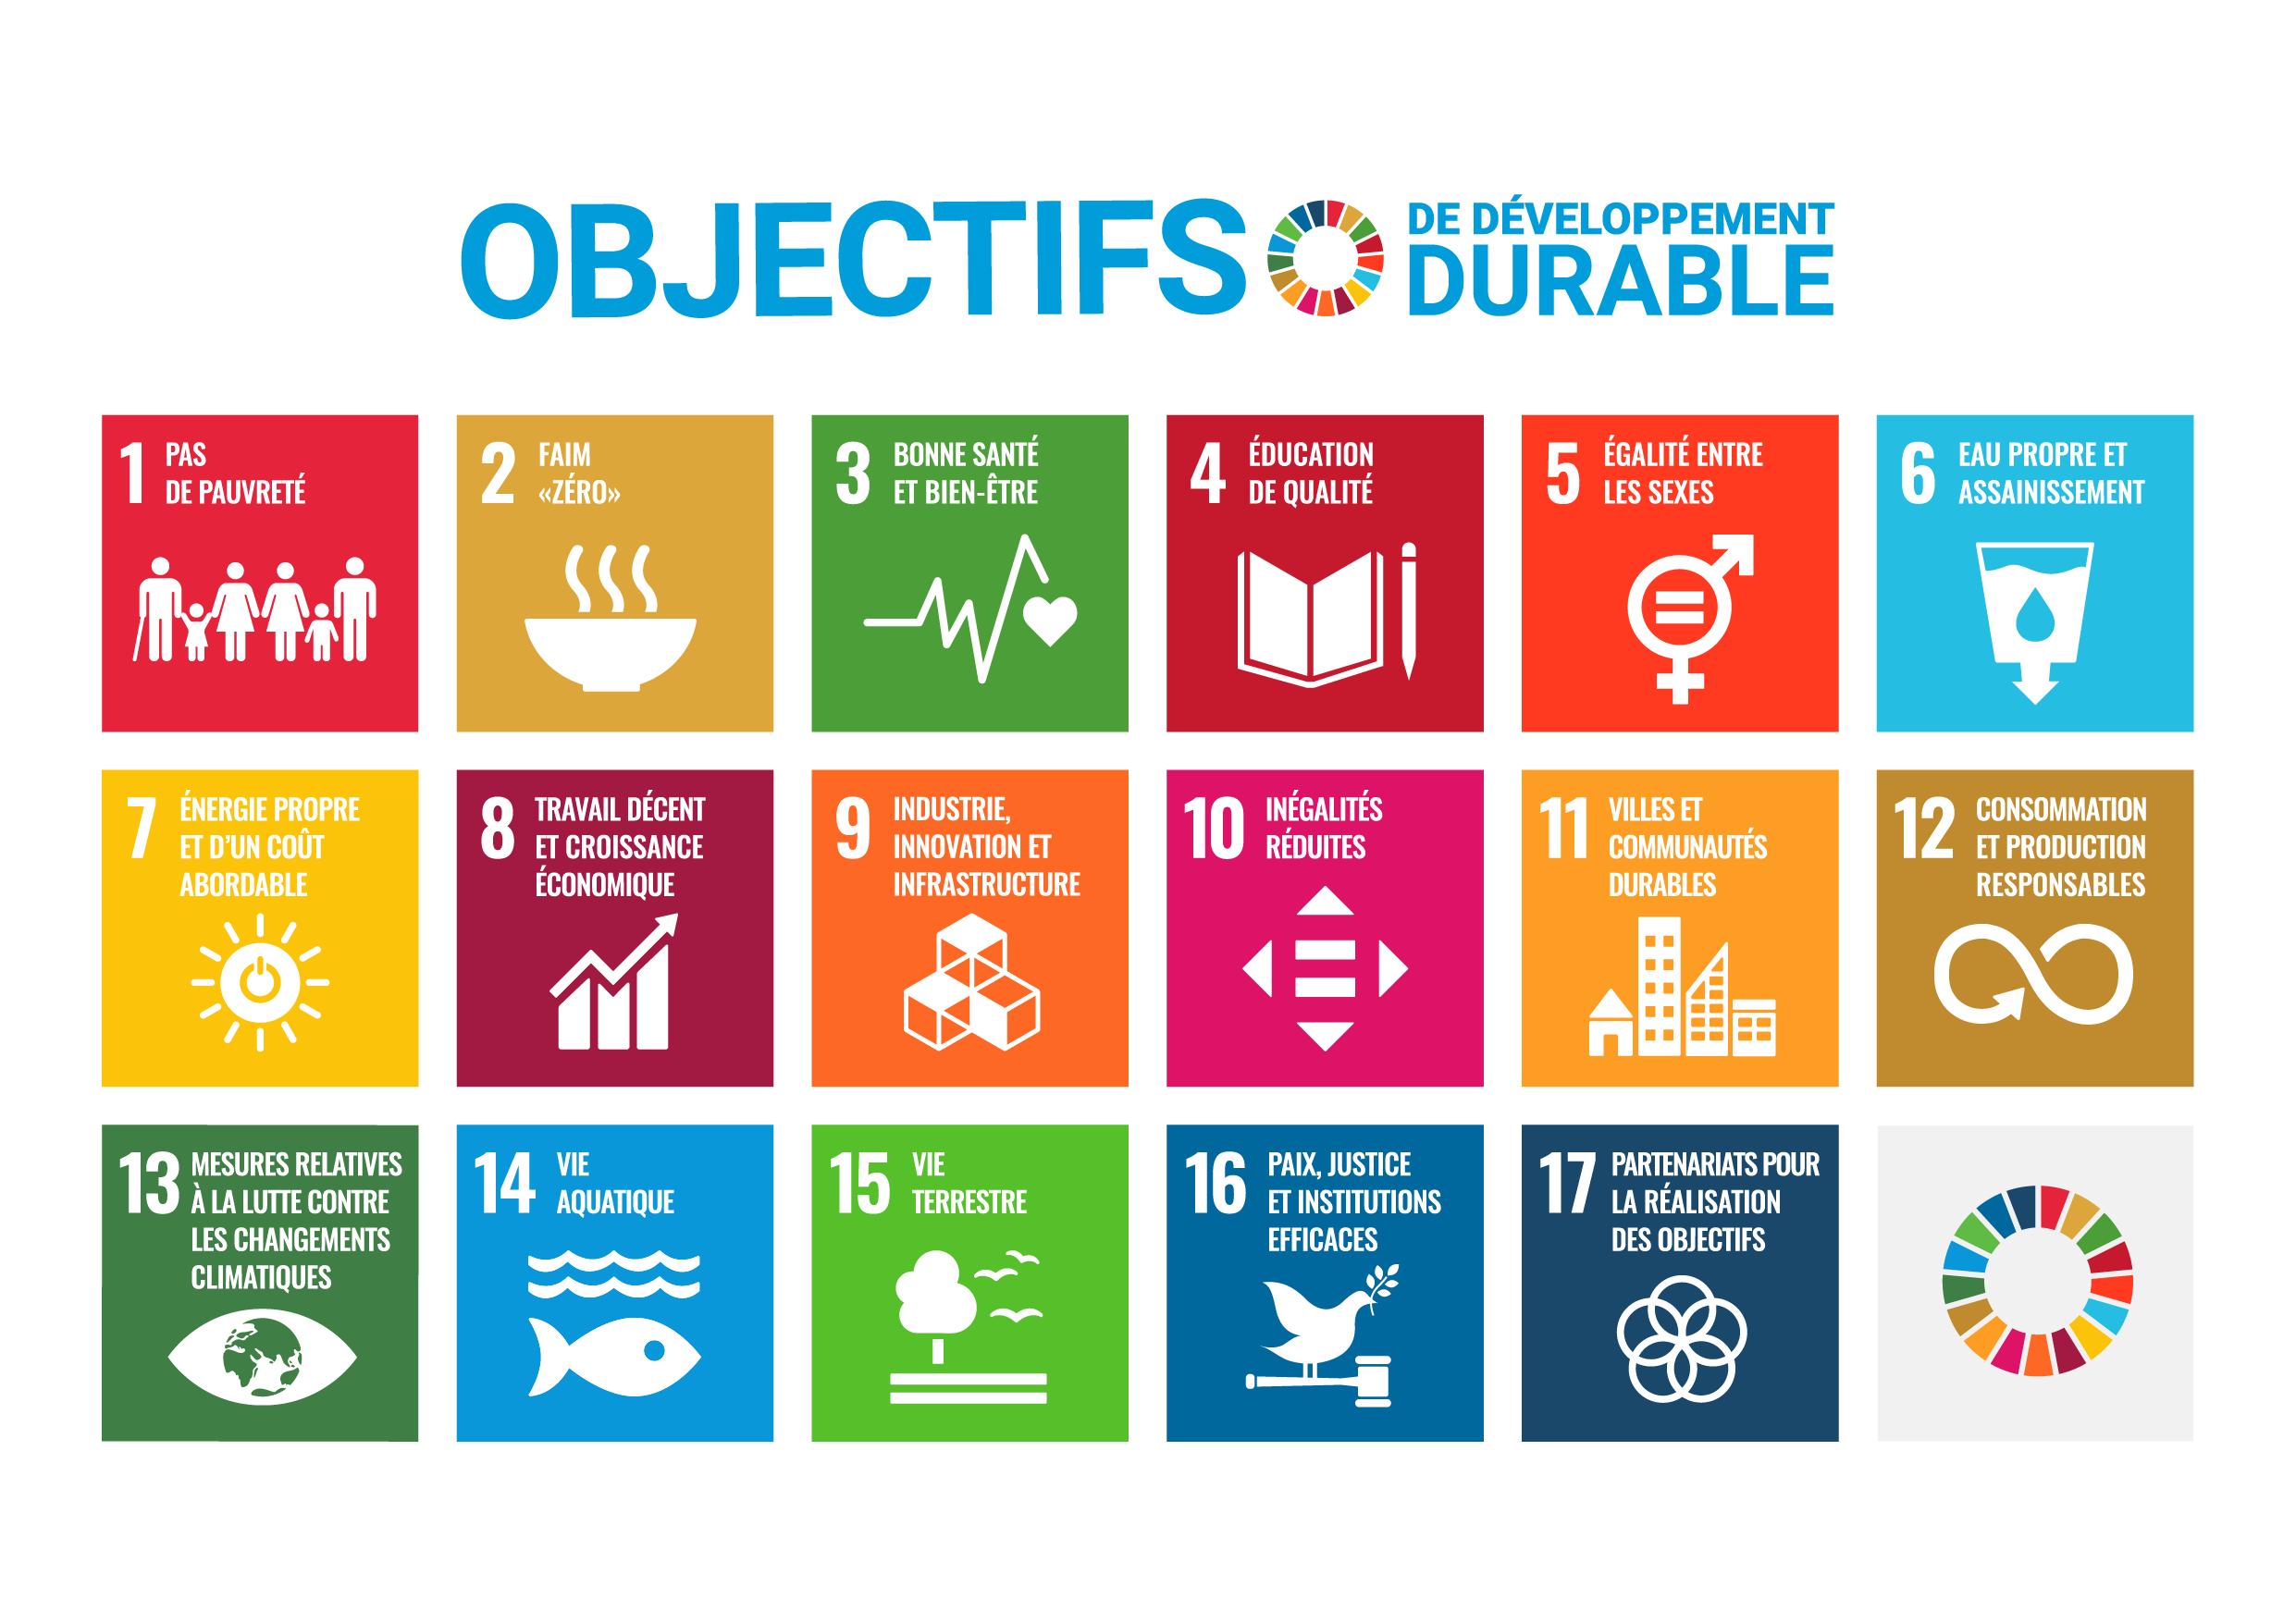 Une affiche démontrant les 17 Objectifs de développement durable.